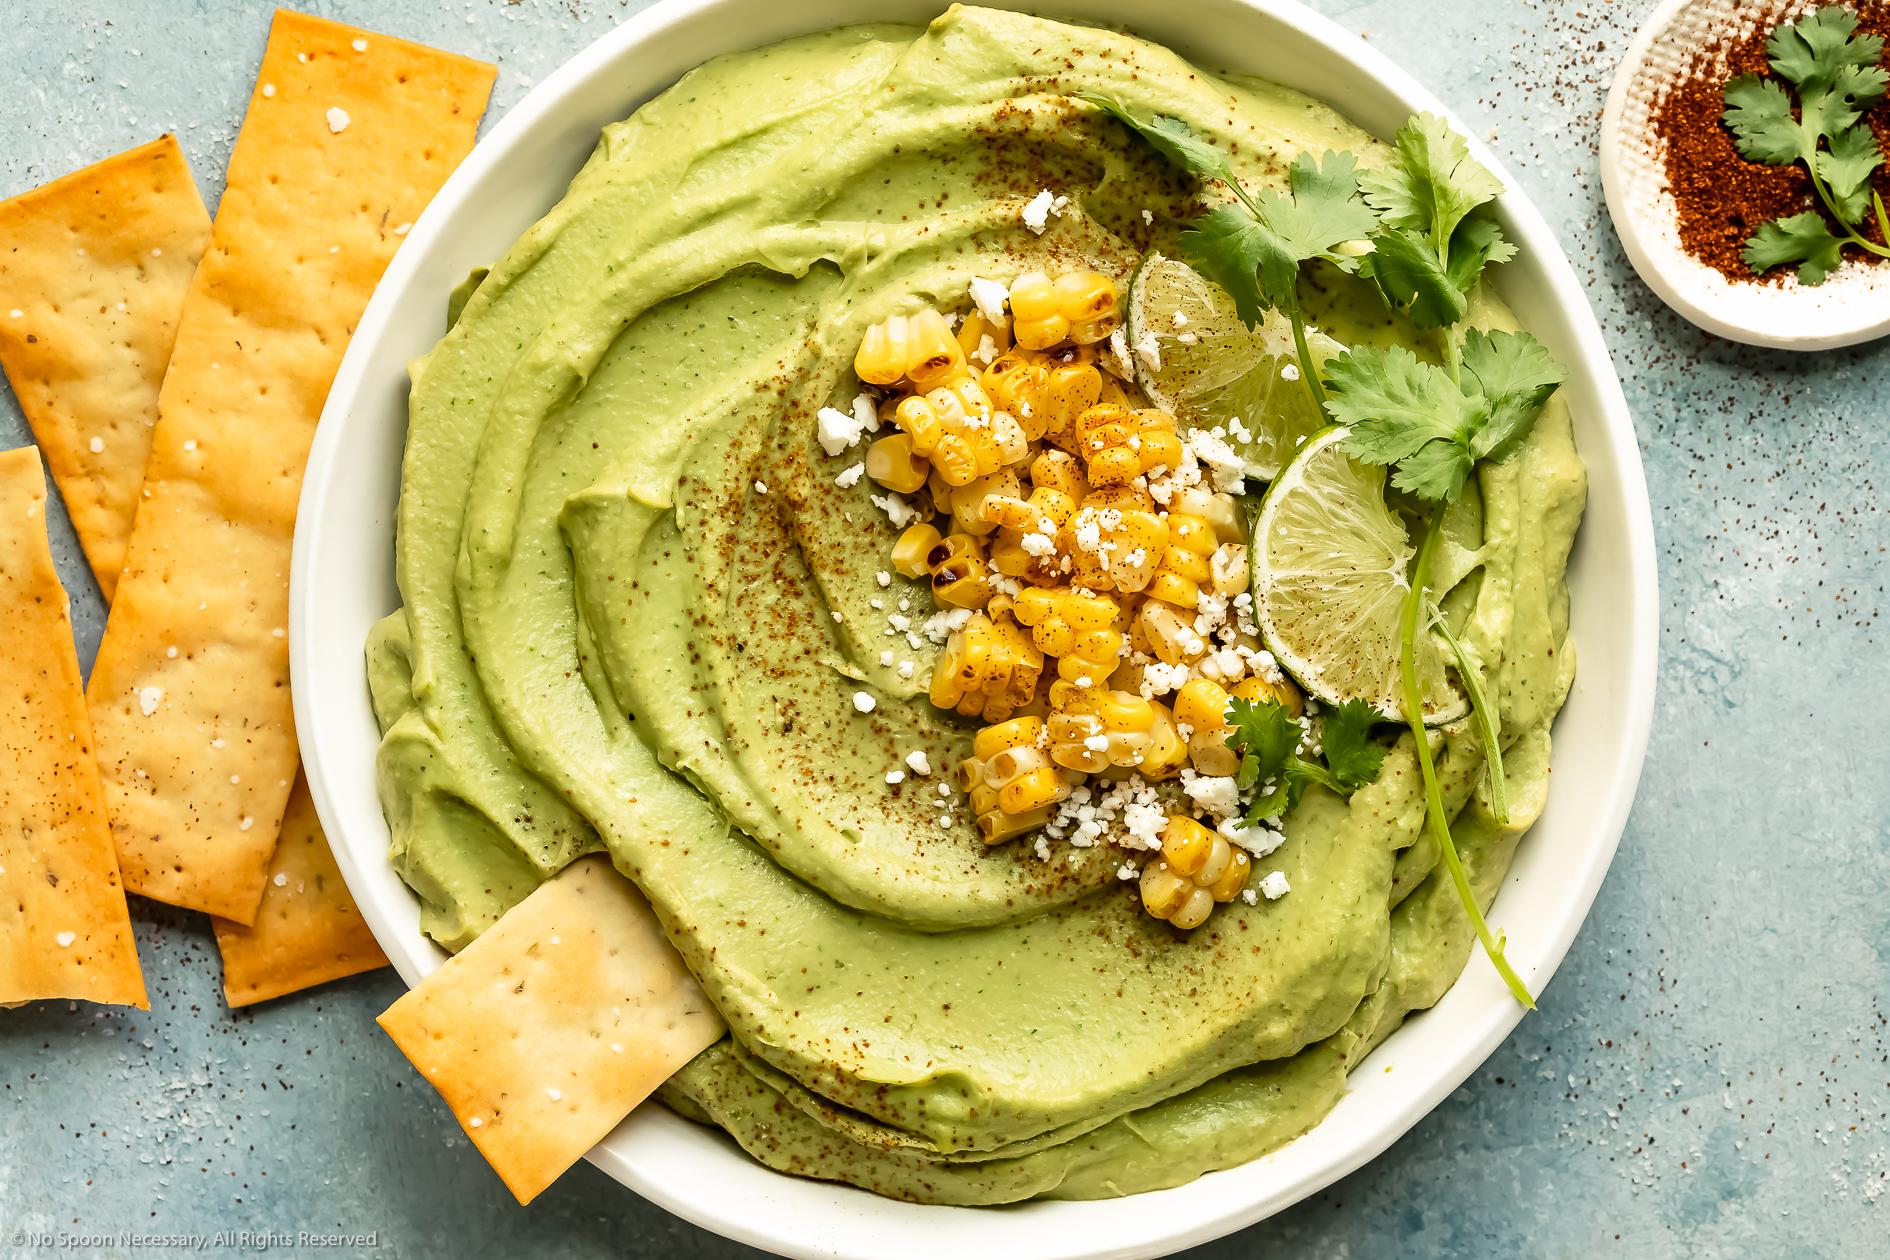 Spicy Avocado Hummus Recipe